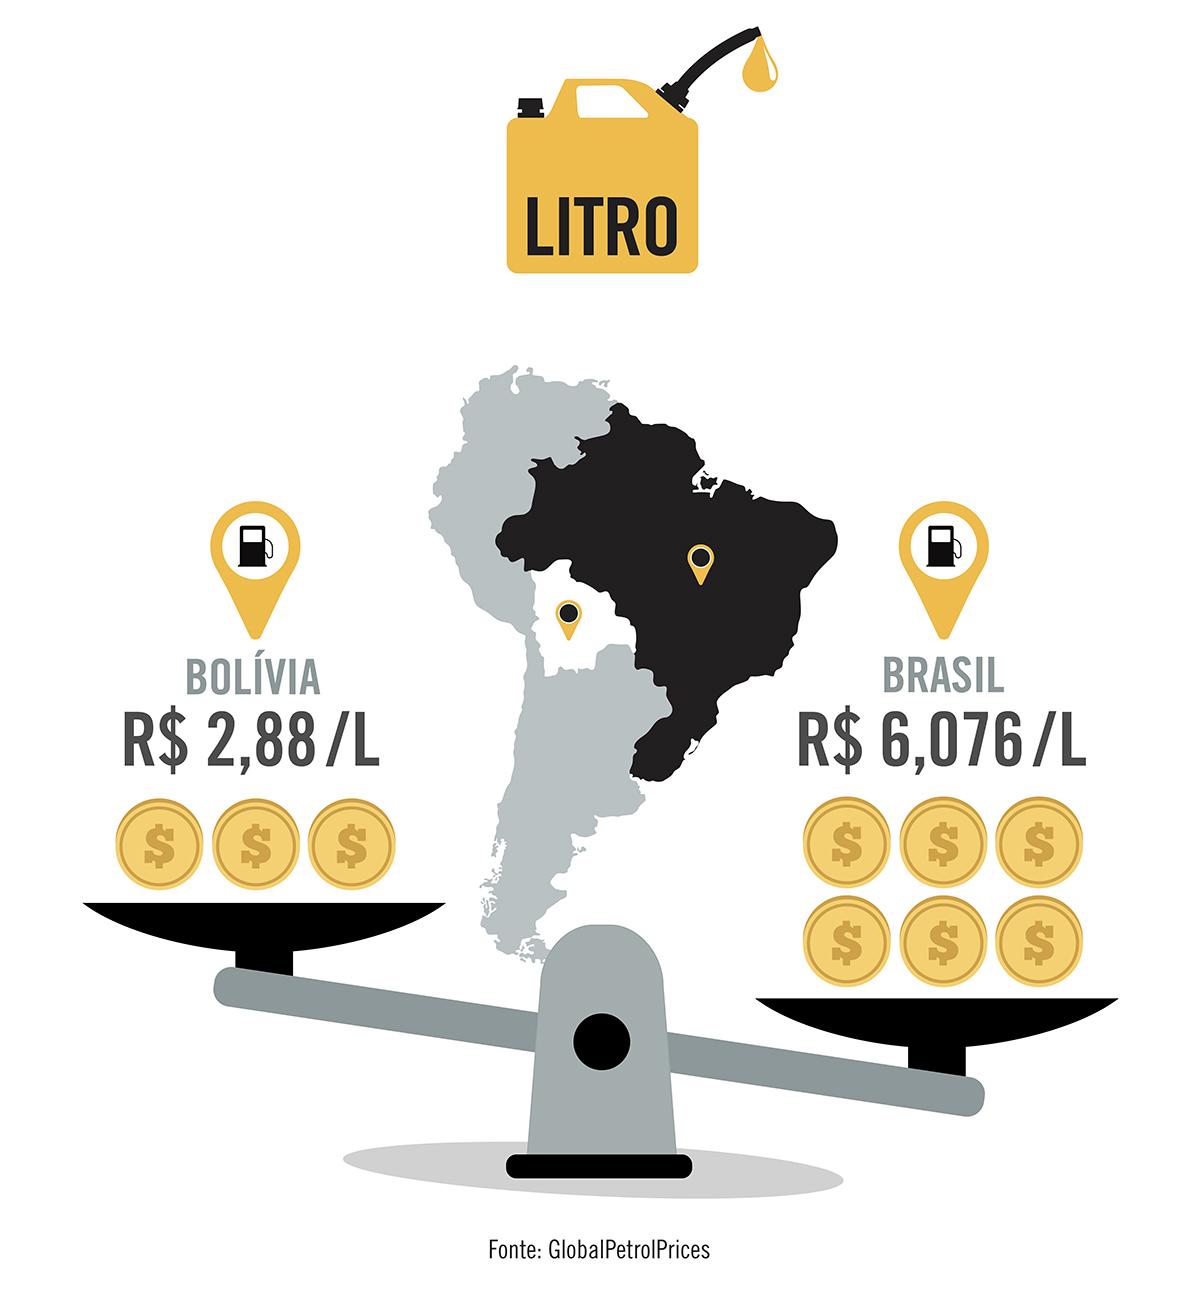 Um litro de gasolina no Brasil custa mais que o dobro que na Bolívia